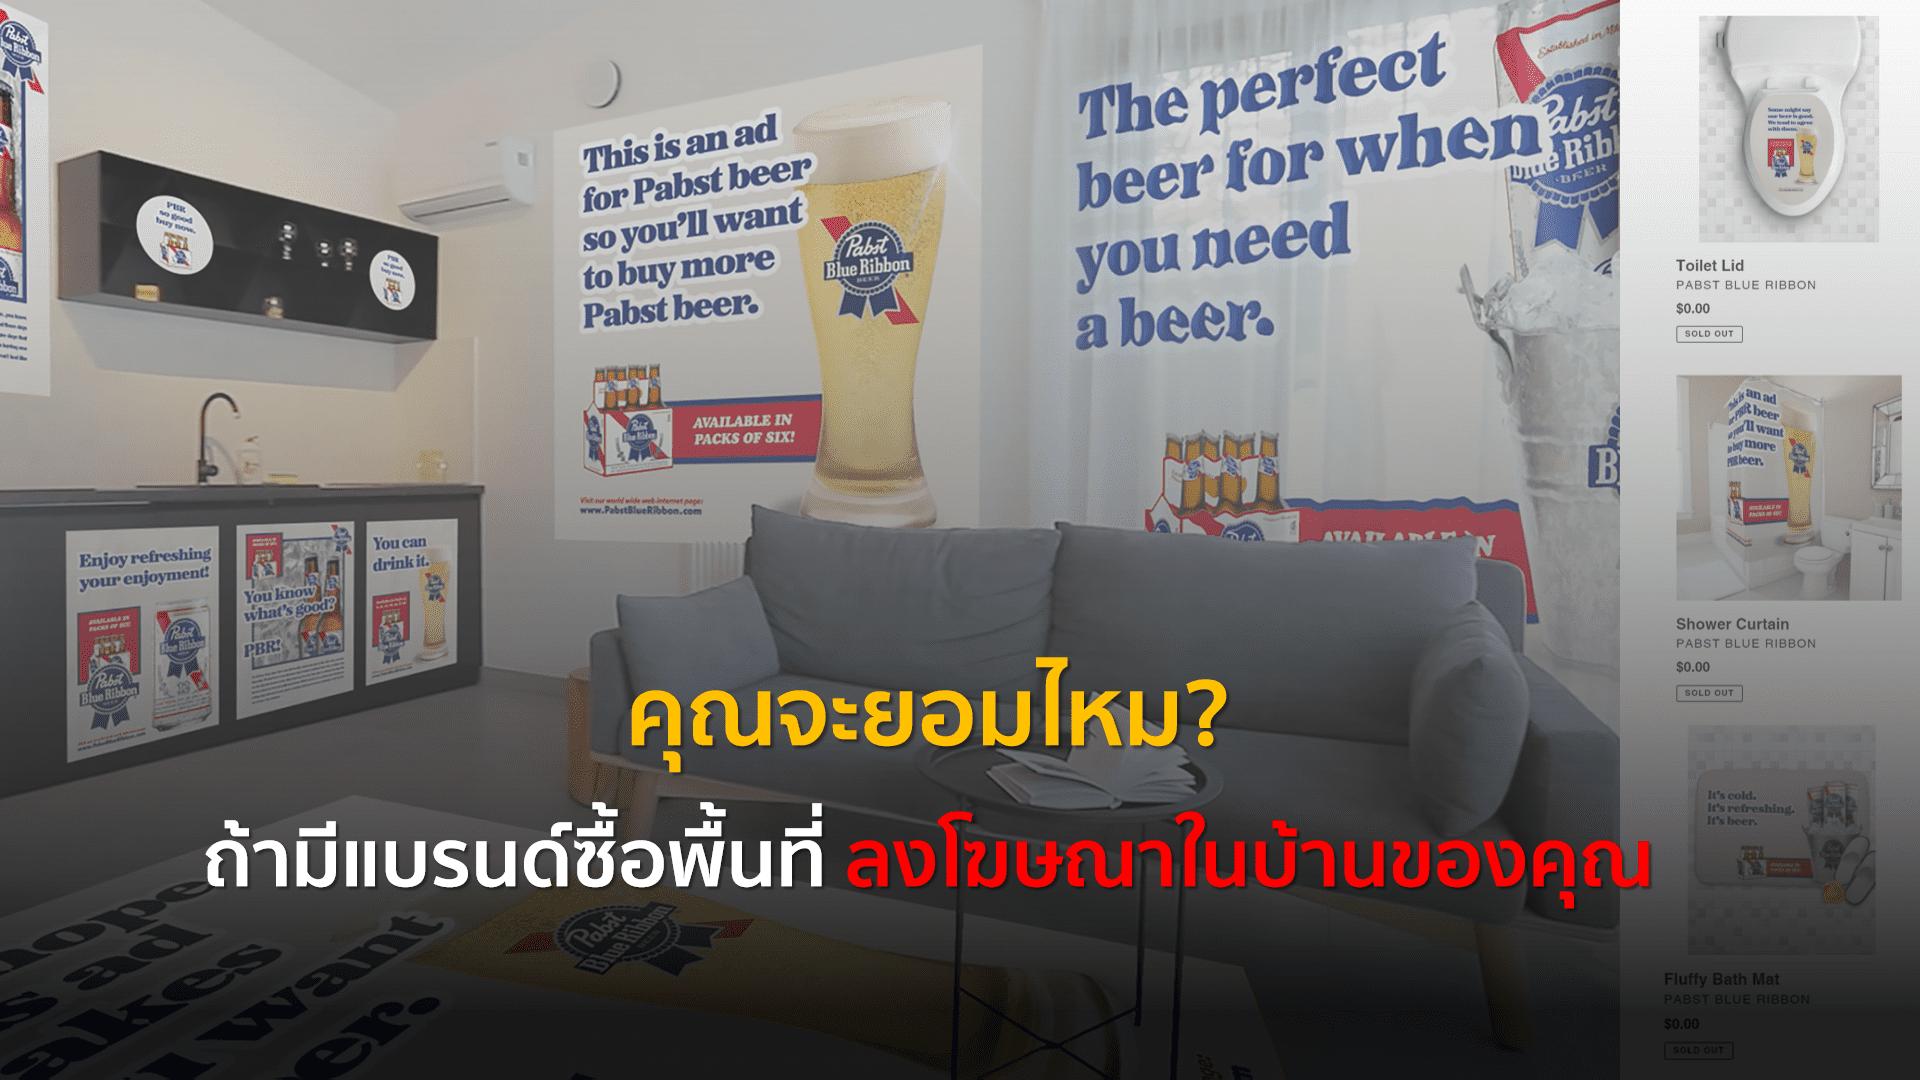 คุณจะยอมไหม? ถ้ามีแบรนด์ซื้อ พื้นที่ลงโฆษณาในบ้าน ของคุณ